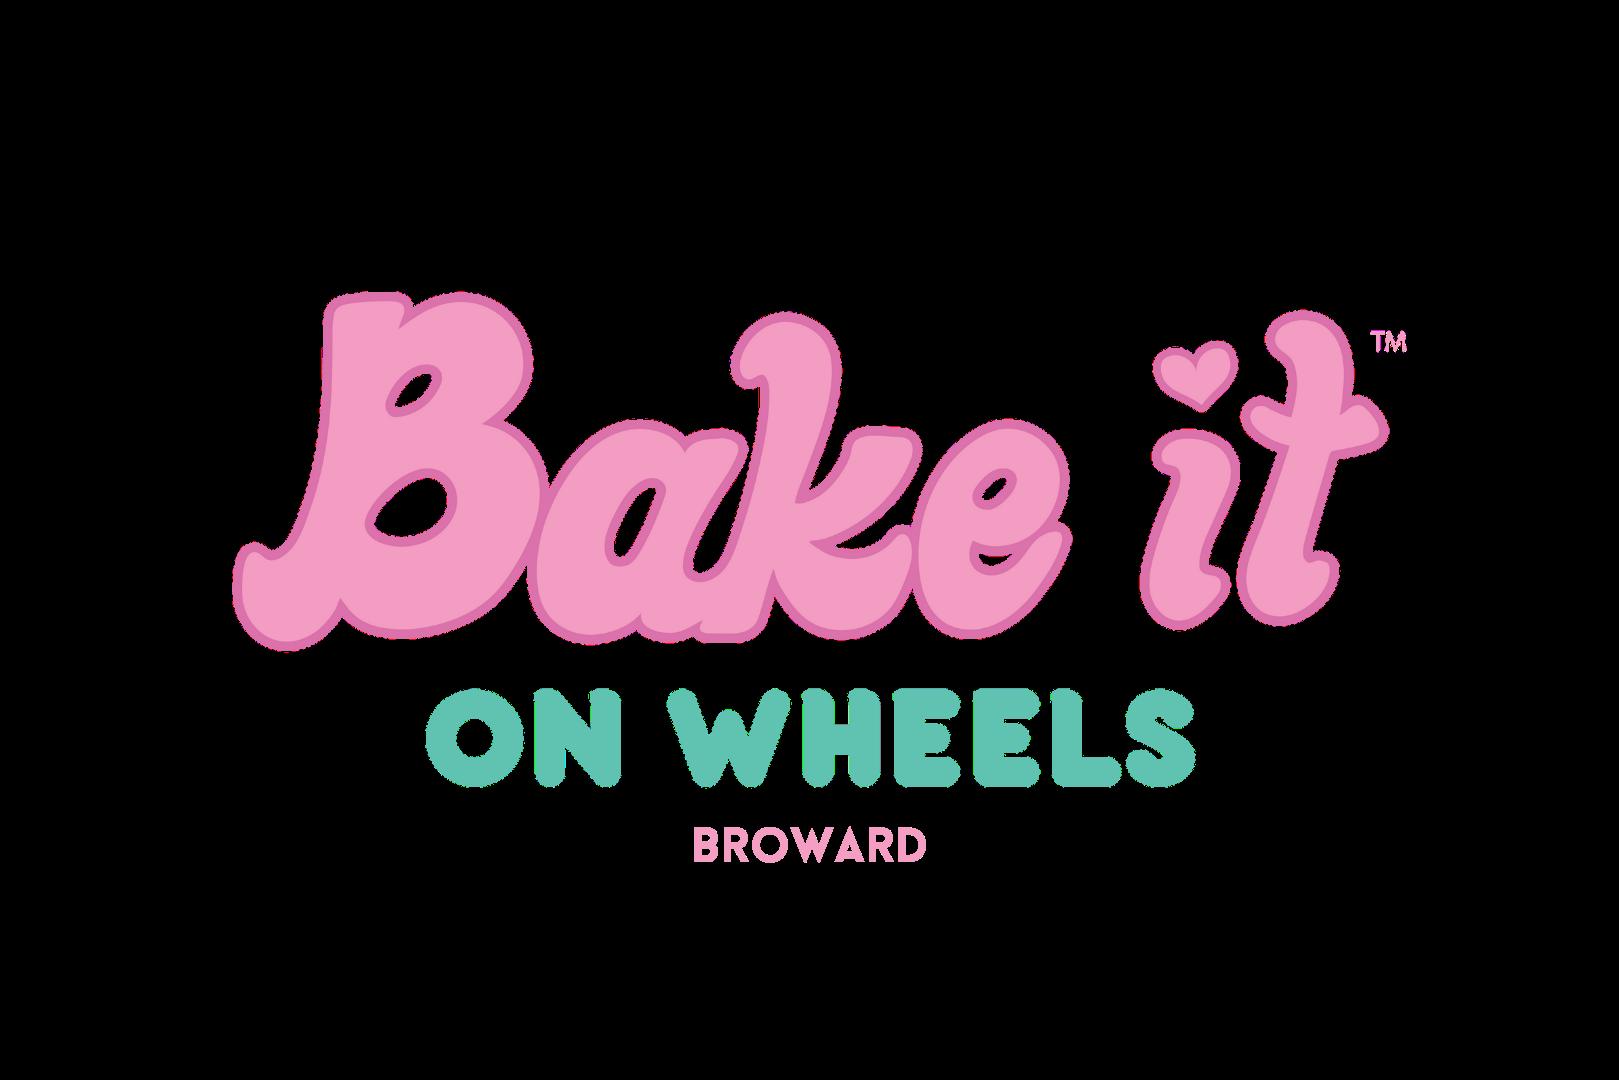 Bake It On Wheels | Broward, FL